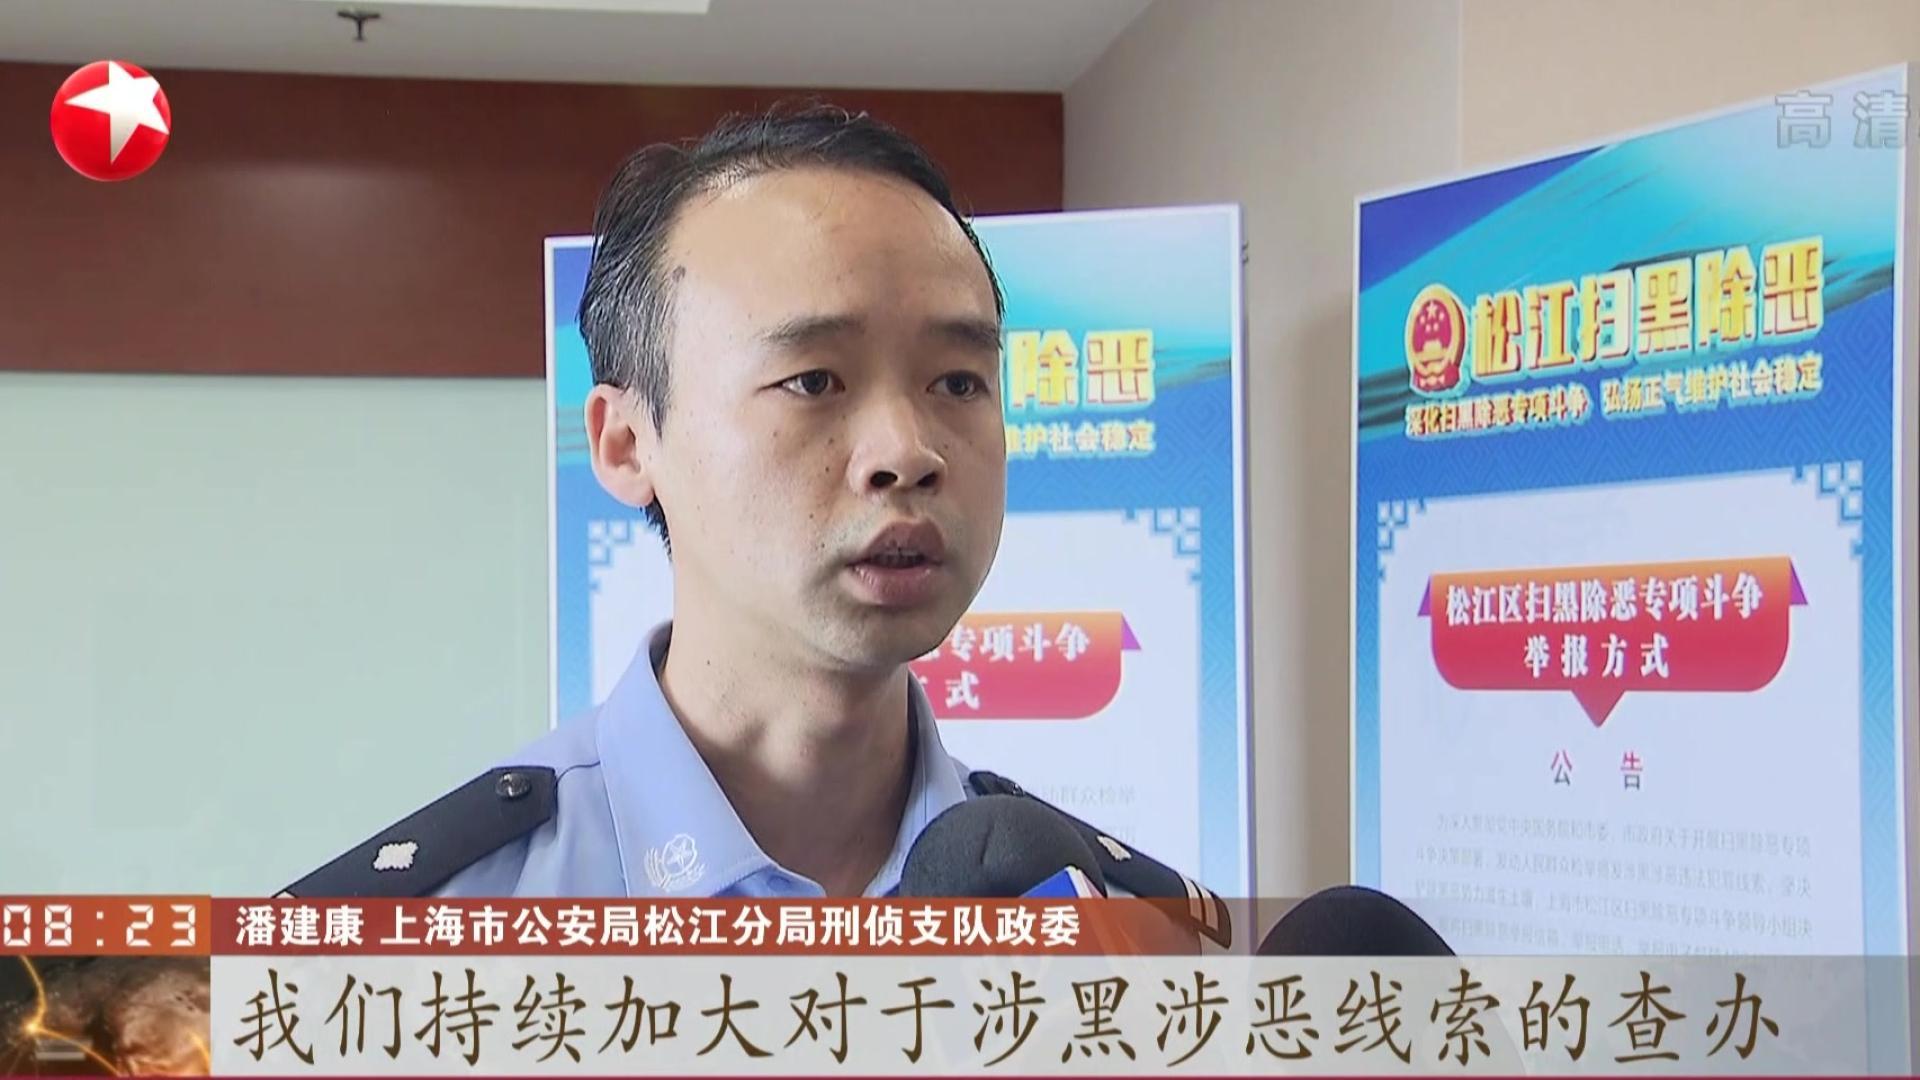 上海松江:扫黑除恶向纵深推进